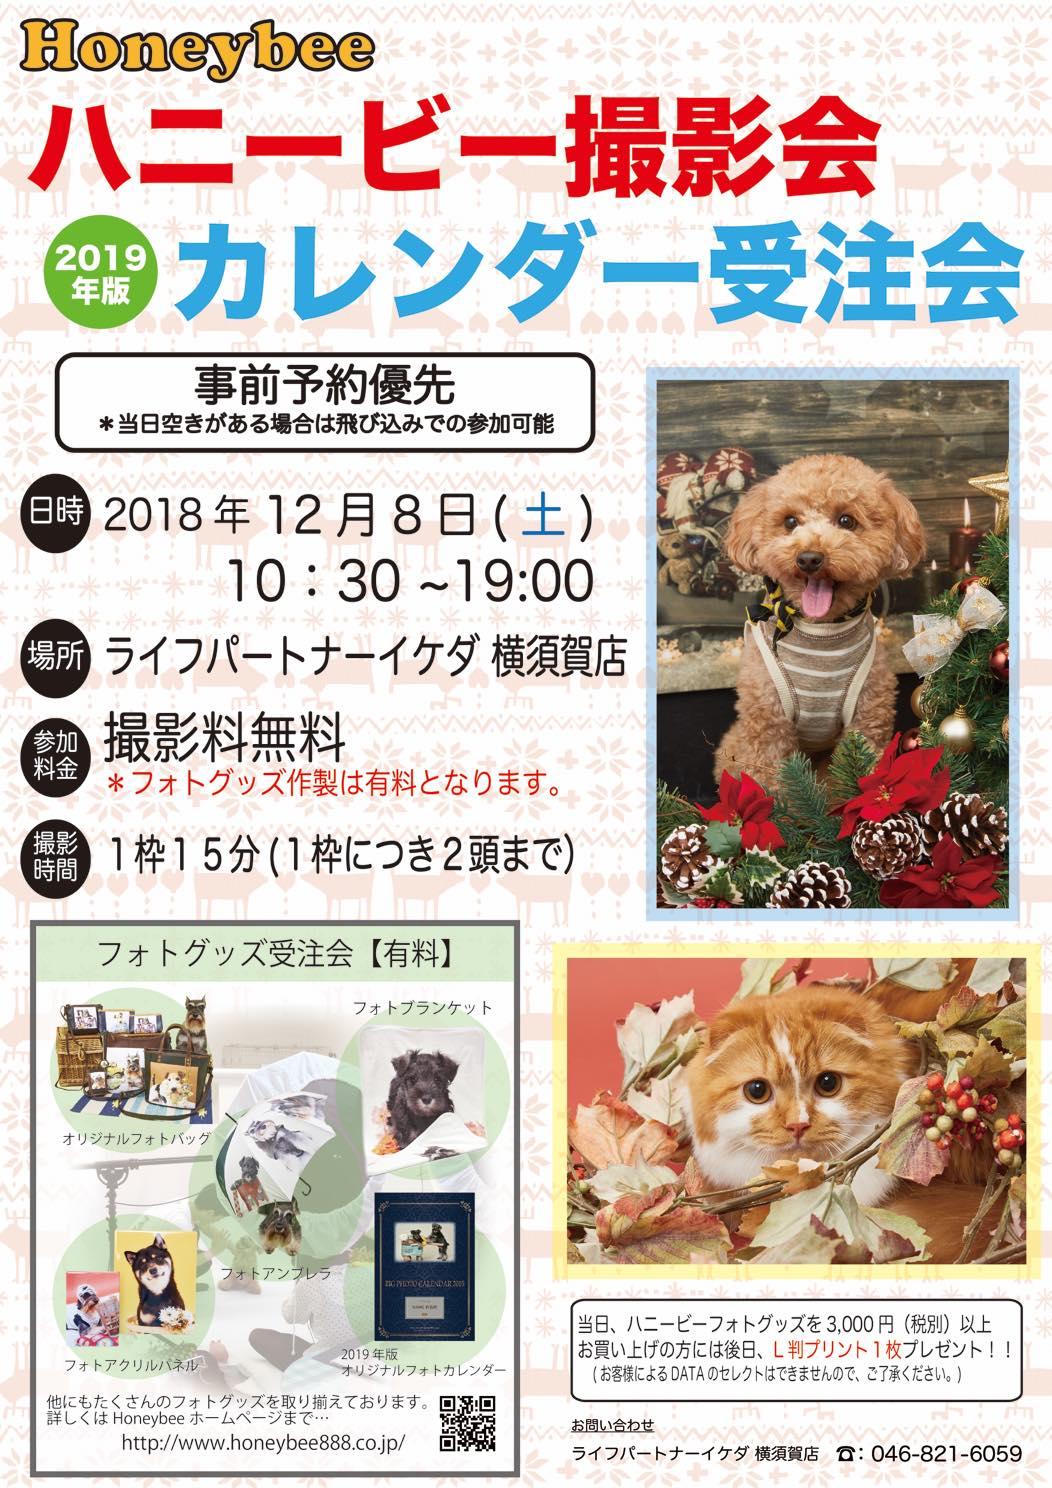 th_ハニービー撮影会_ライフパートナーイケダ横須賀店(12月)